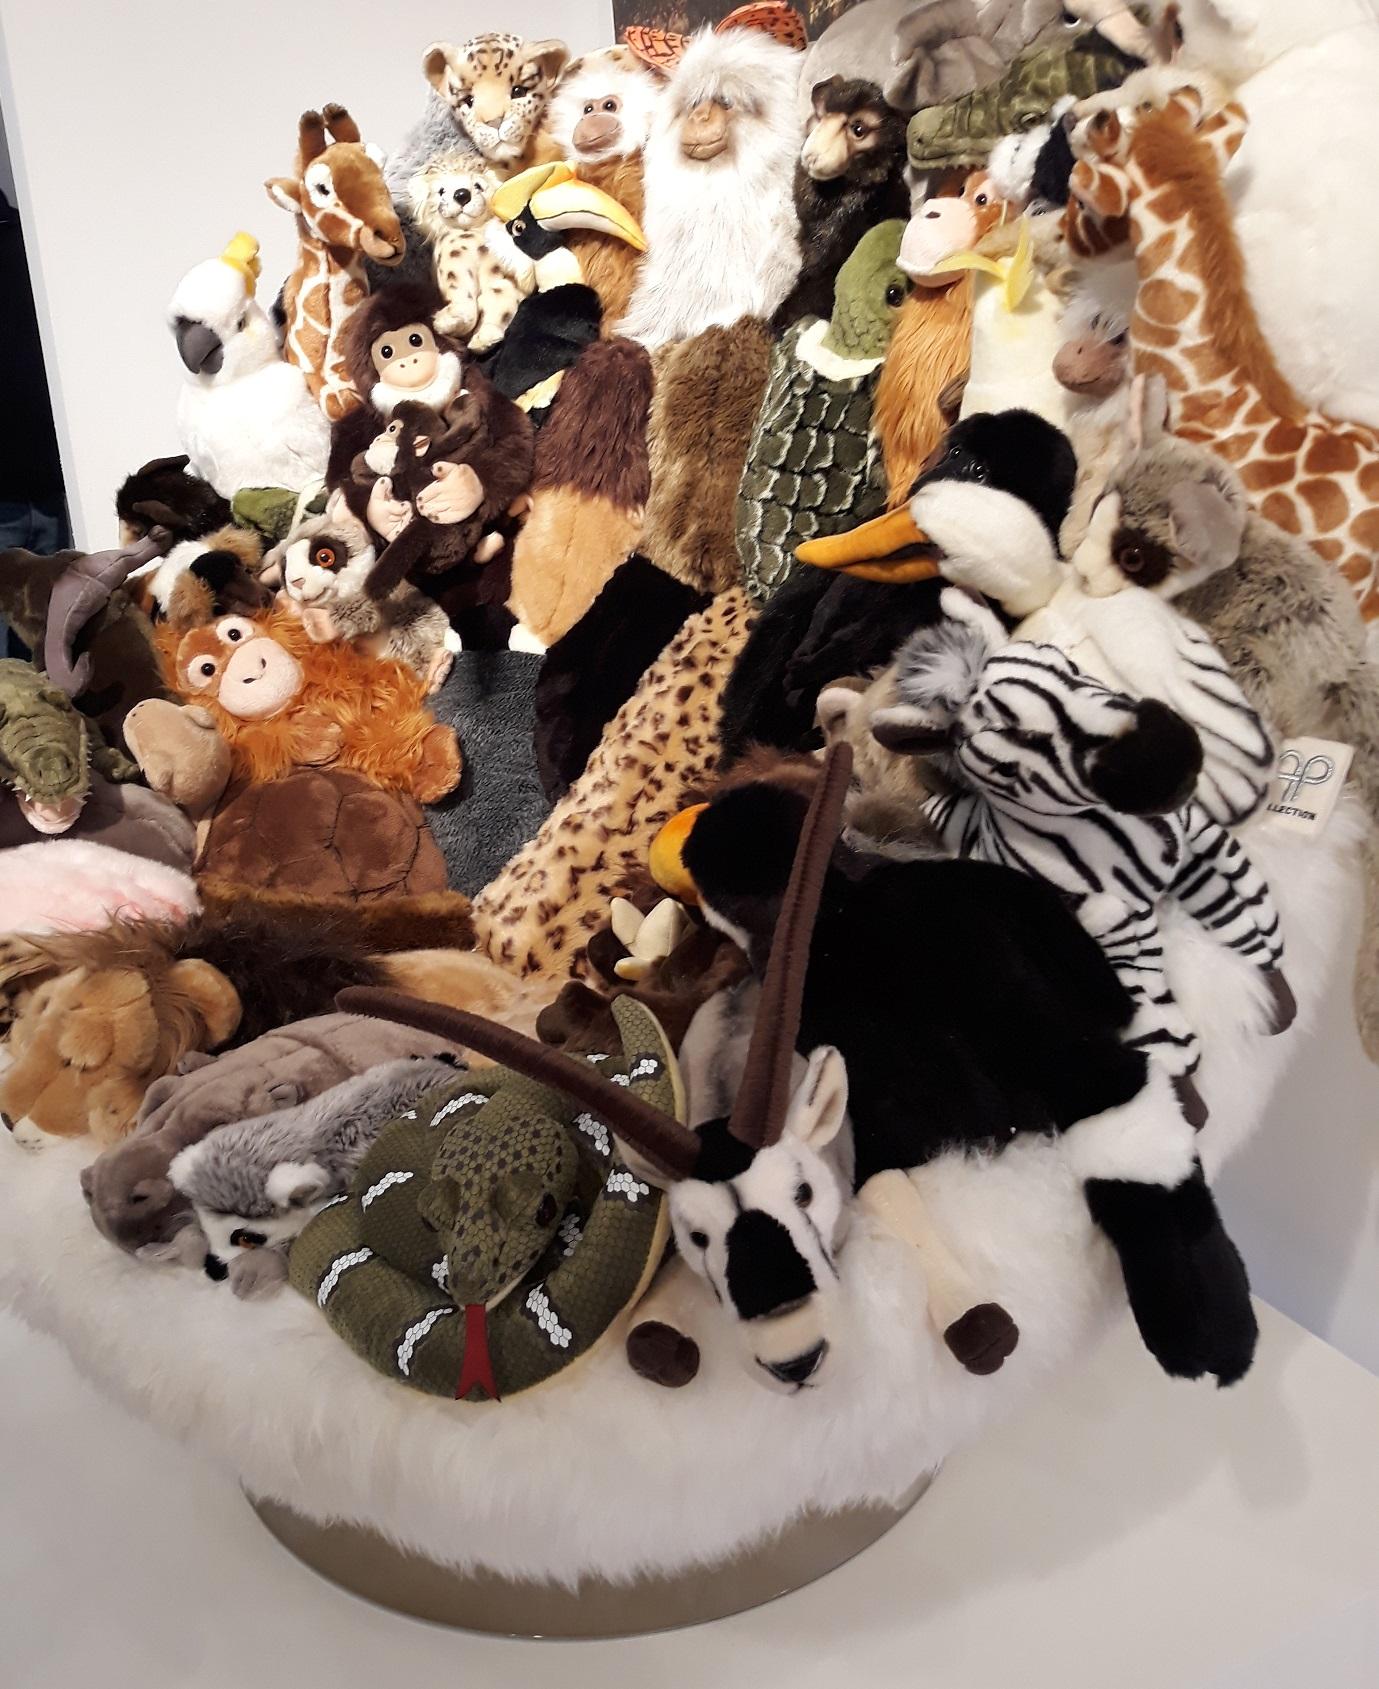 Dies ist ein Kunstobjekt. Ein Sessel, gestaltet aus Stofftieren